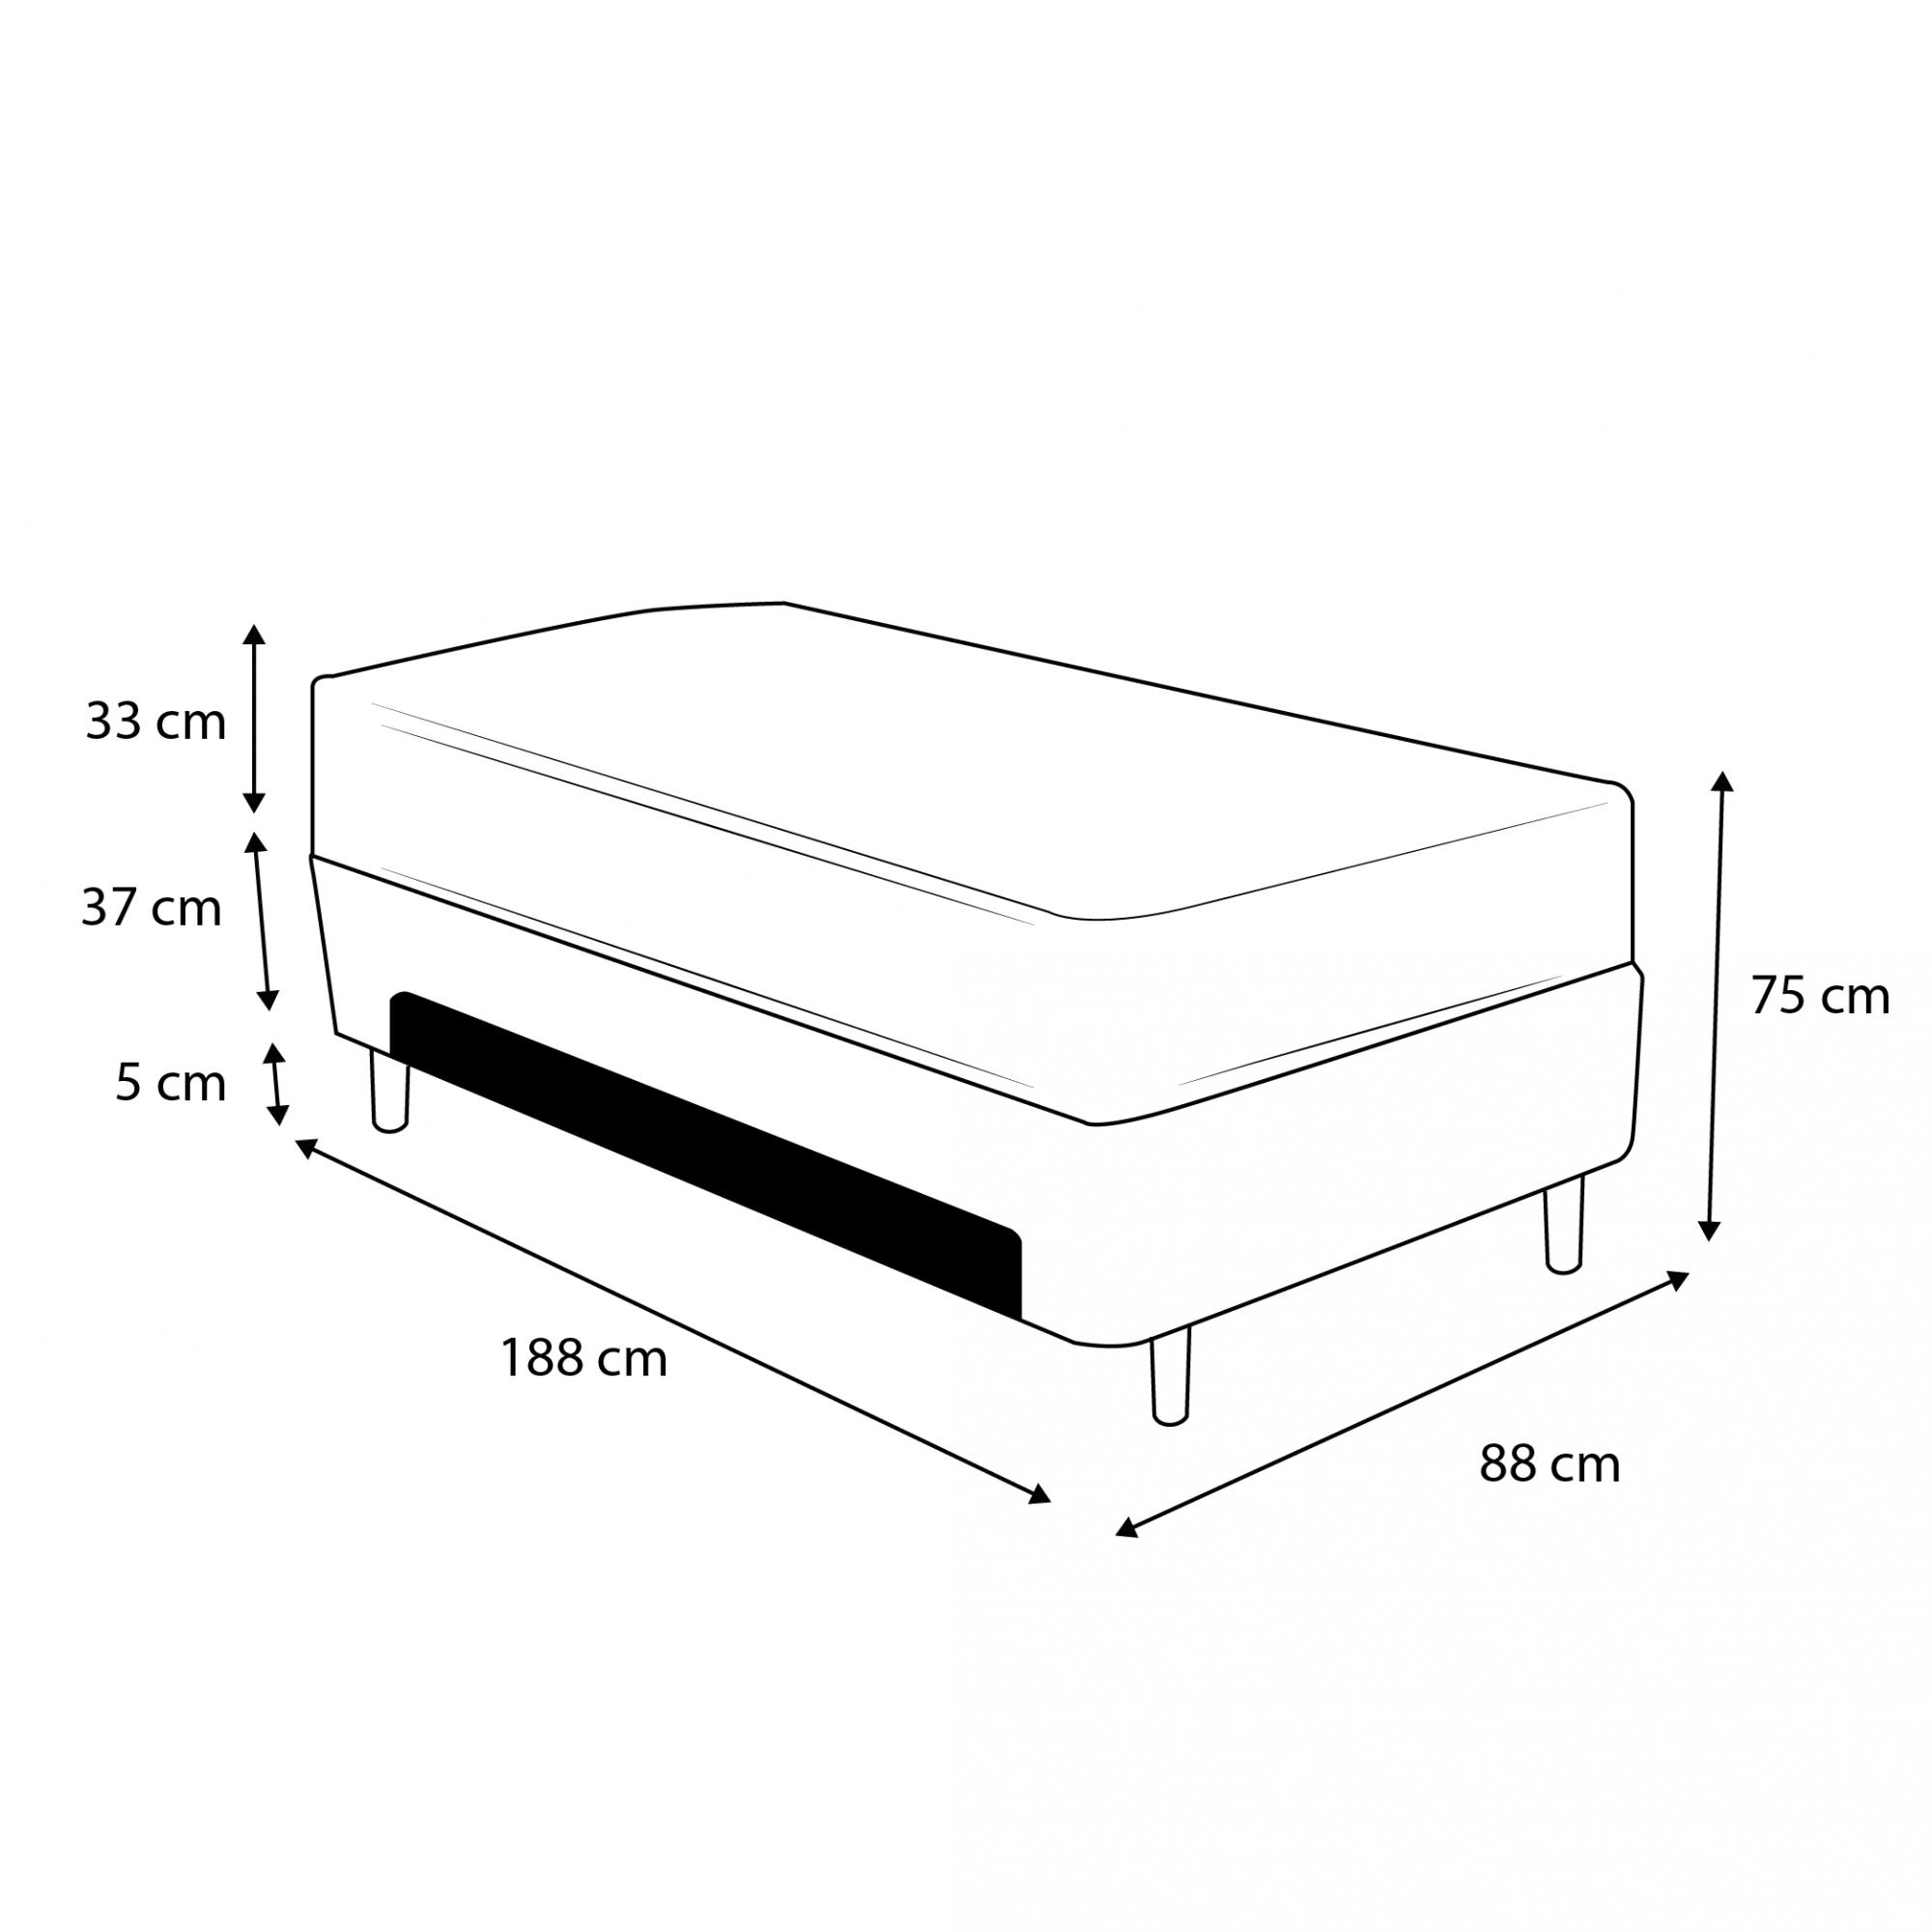 Cama Box Baú Auxiliar Solteiro Preta + Colchão Molas Ensacadas Solteiro - Comfort Prime - New Imperador 88x188x75cm